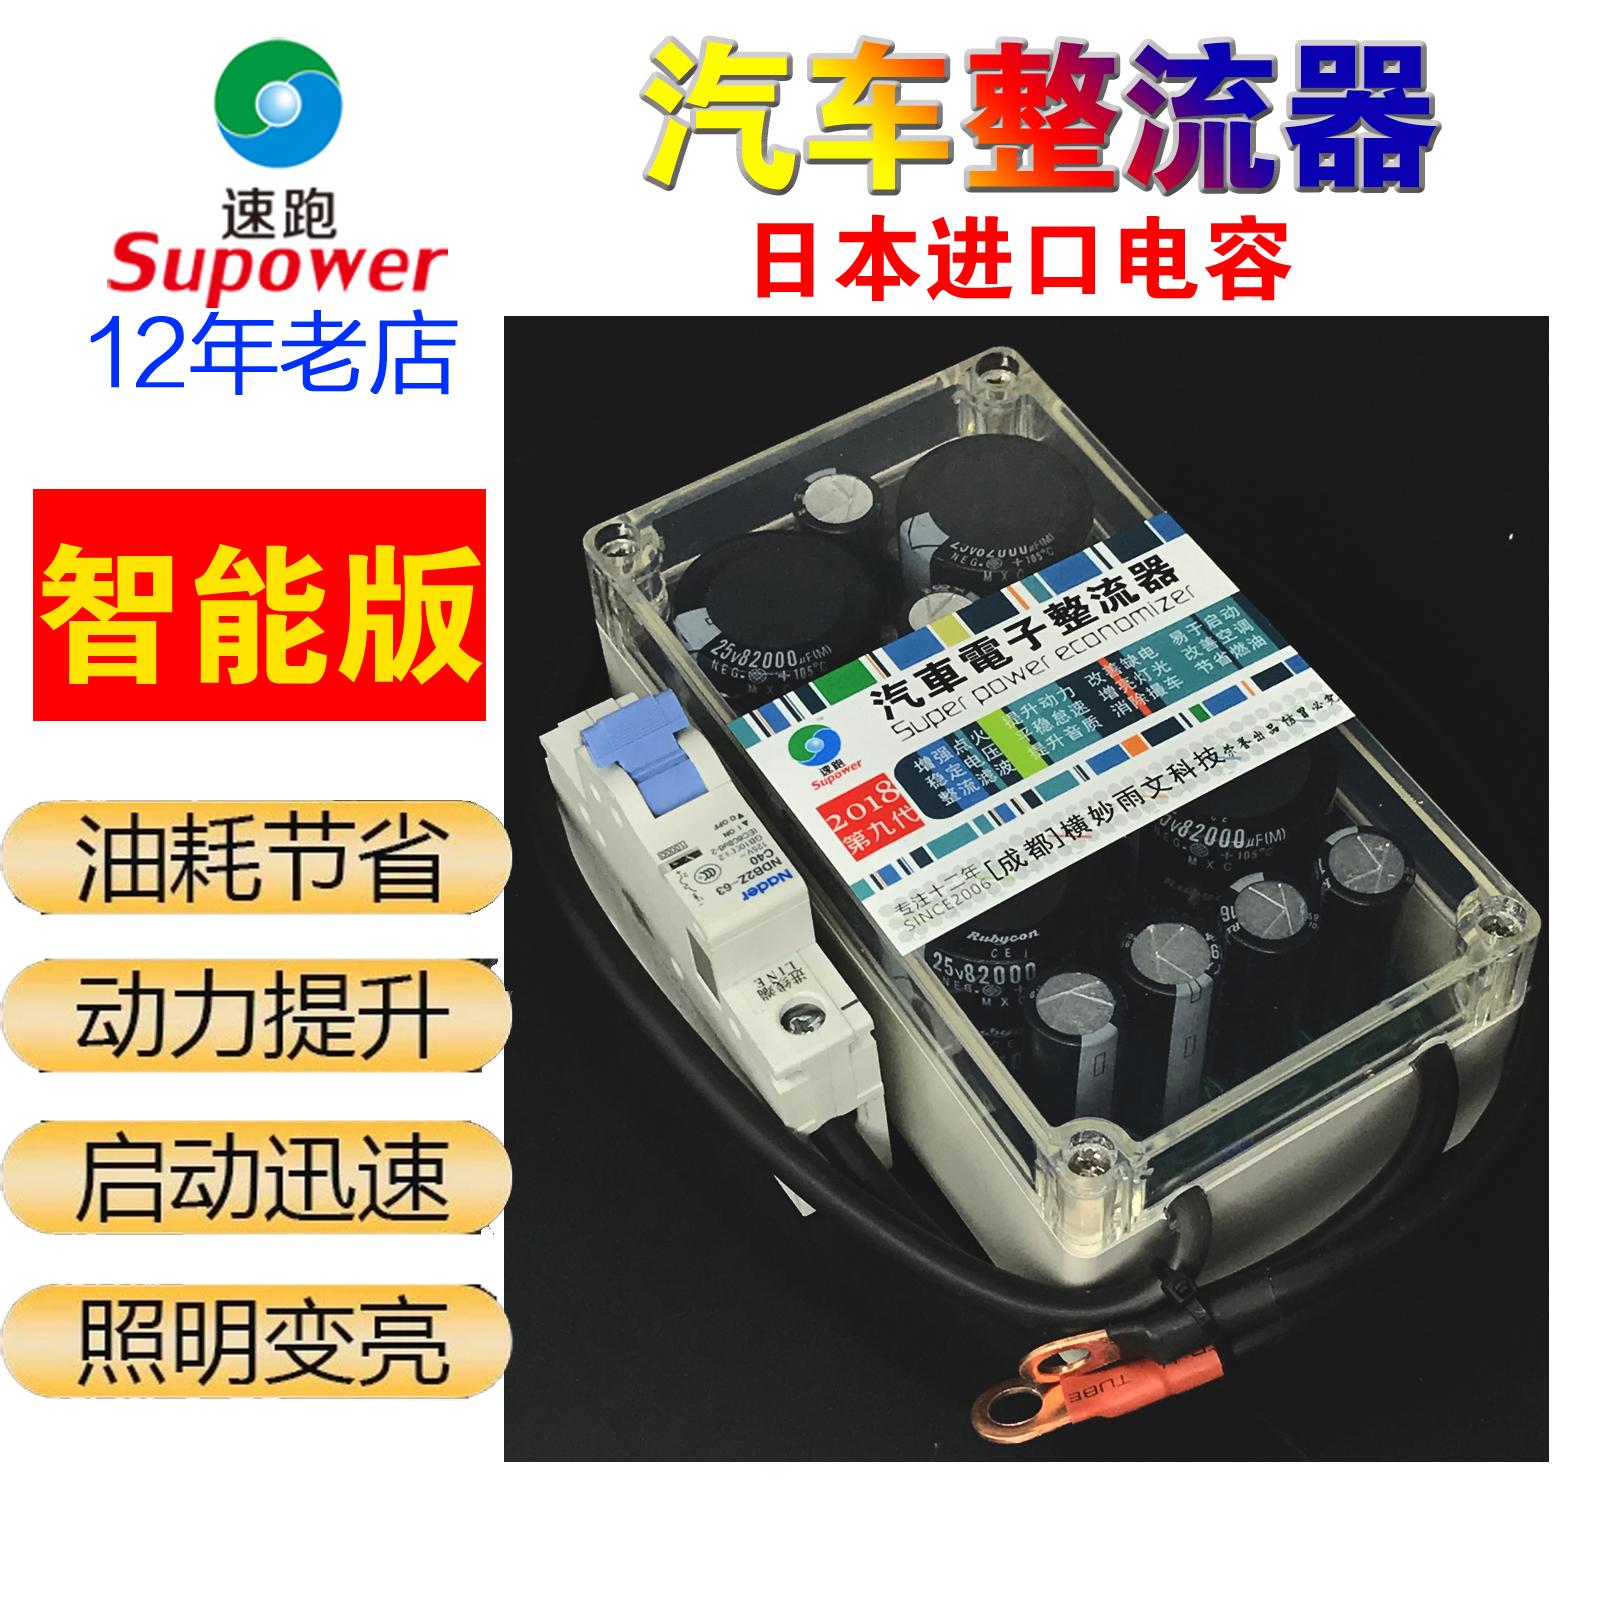 汽车整流器提升动力保护电瓶节油稳压增强点火音响改装力爽电库